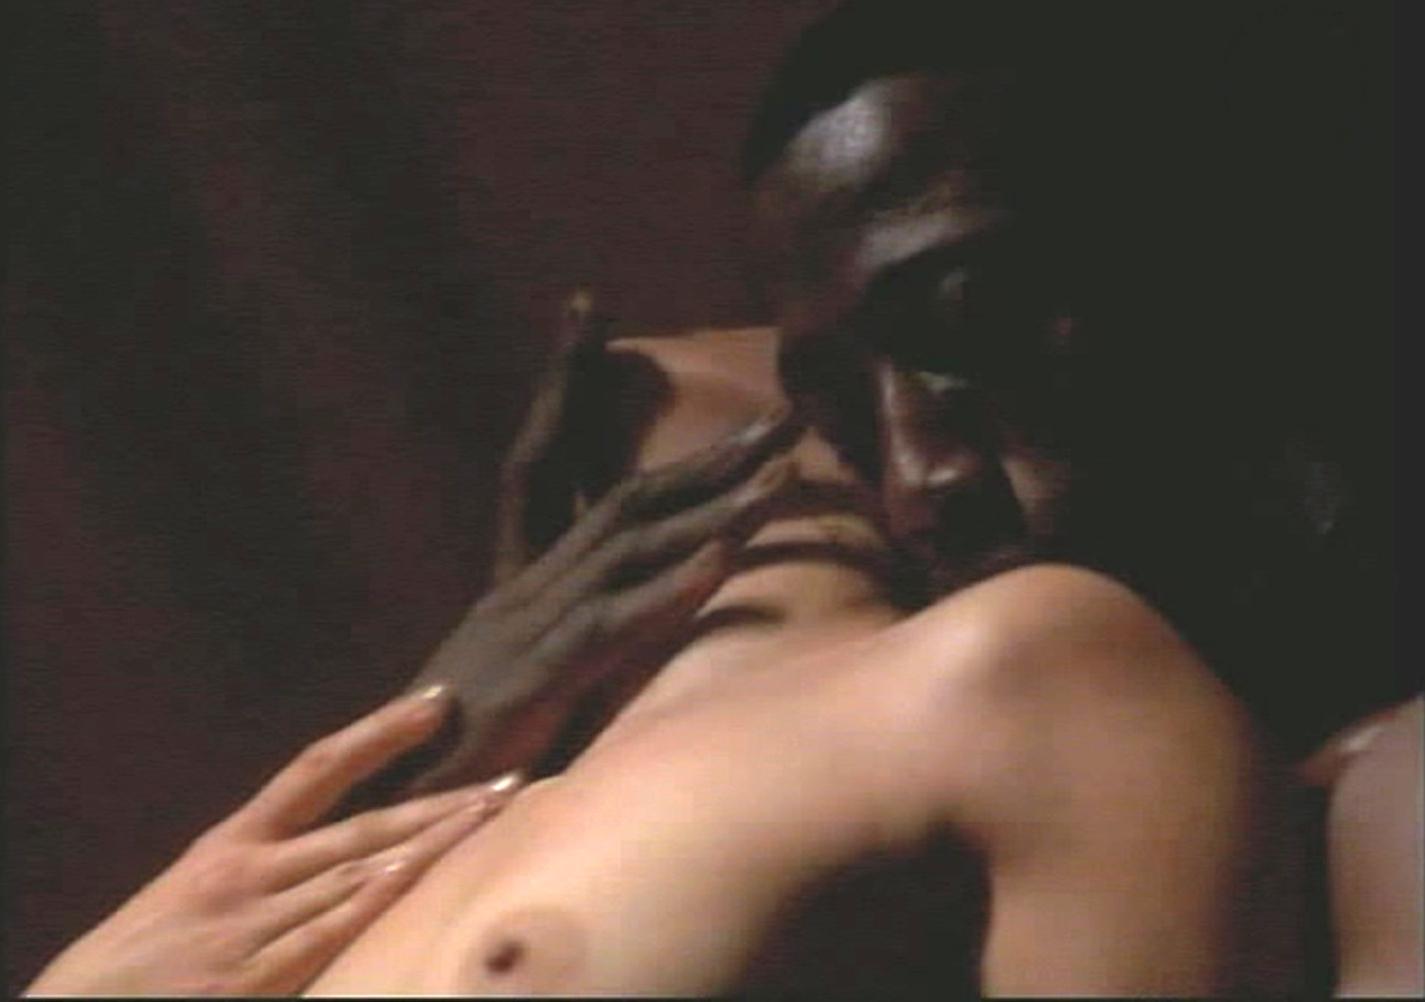 Kevin federline nude pic